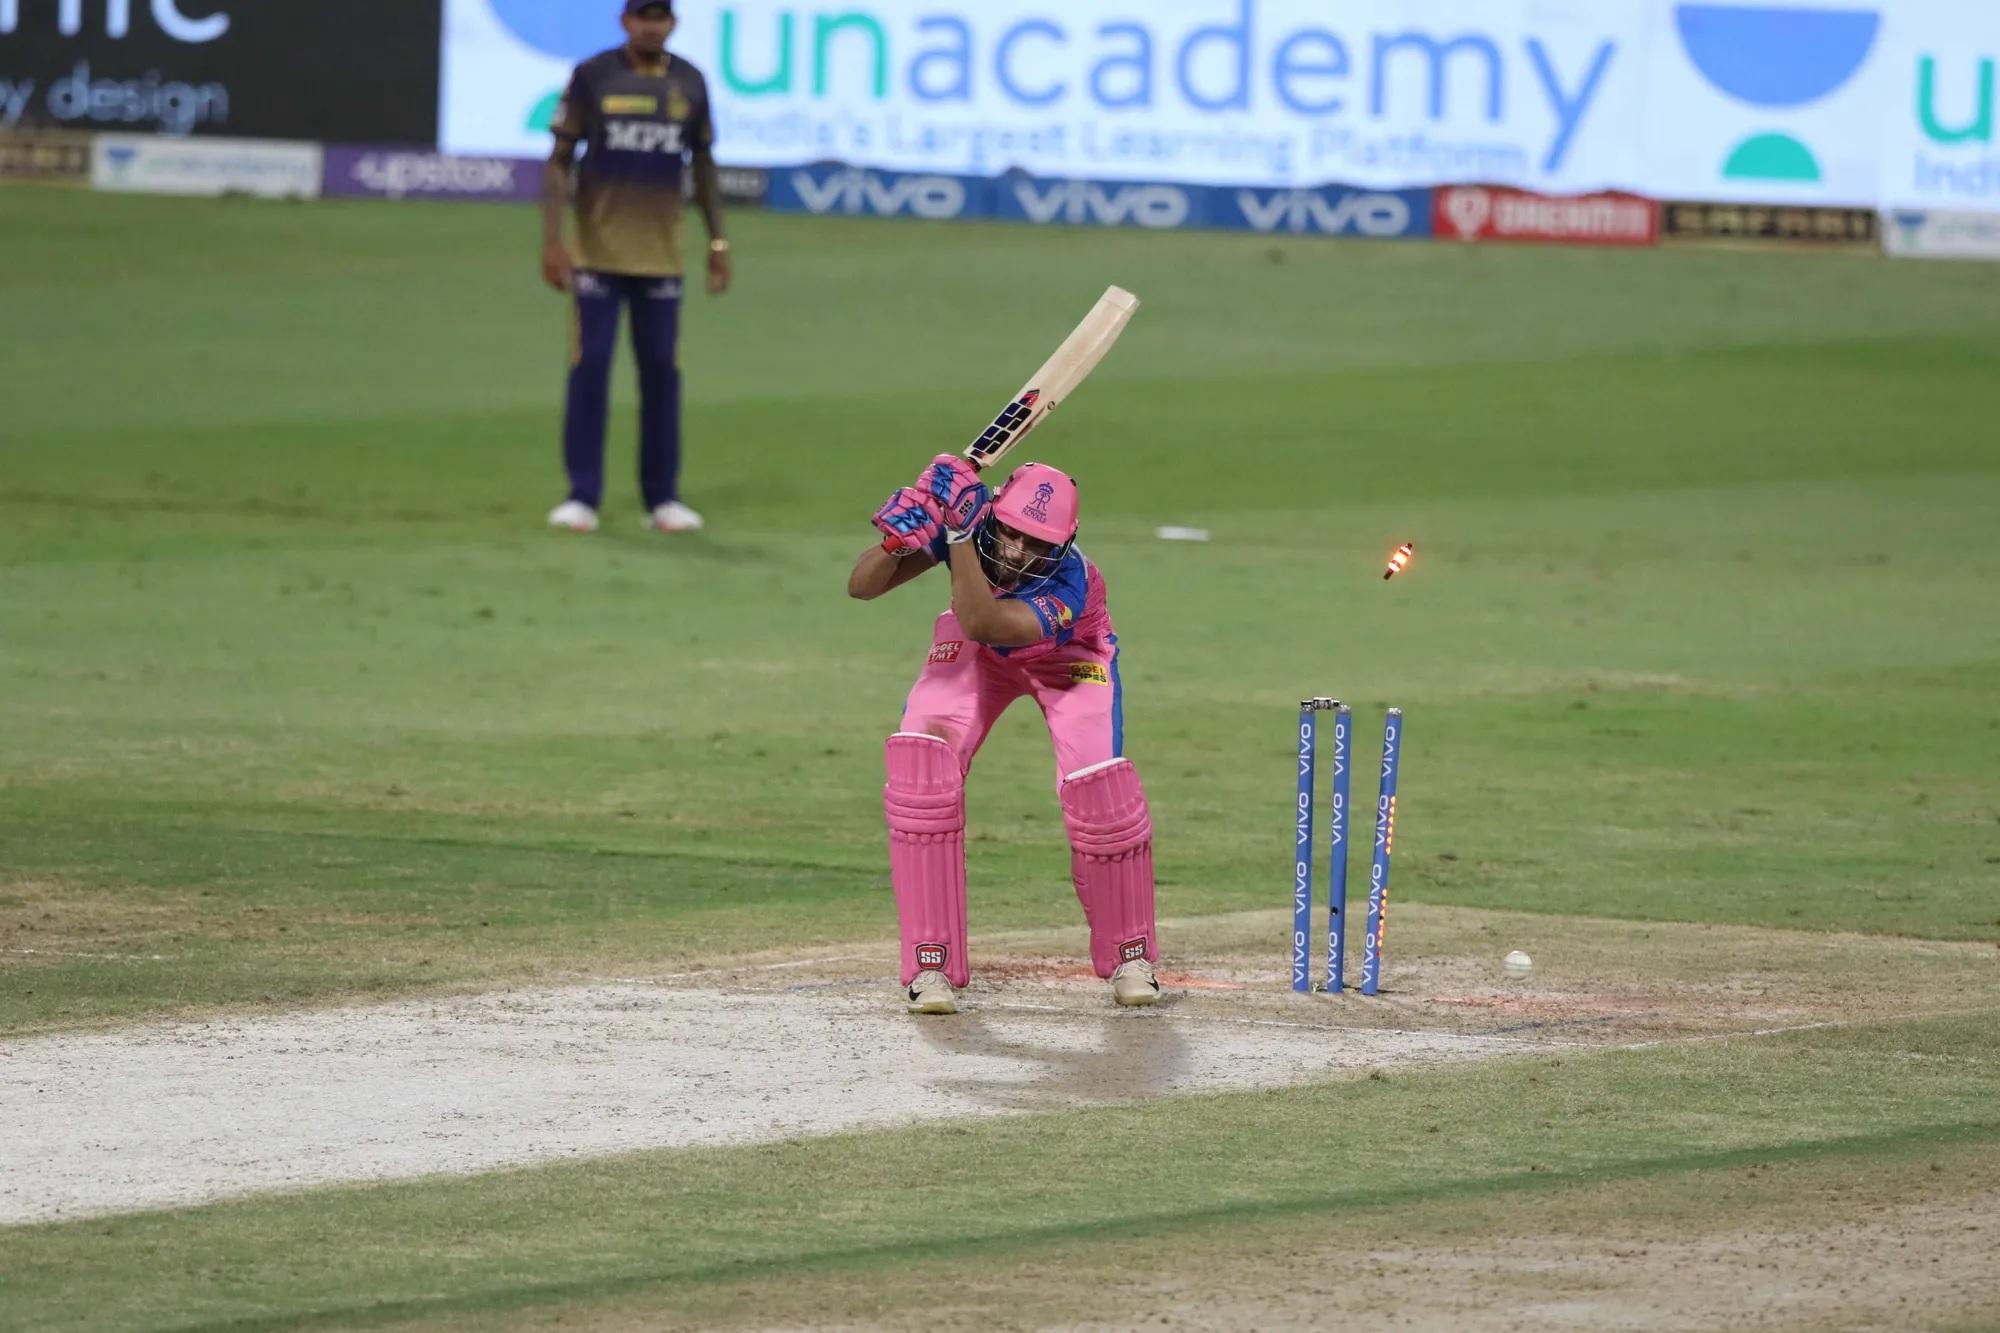 शॉट मिस करते ये बल्लेबाज शिवम दुबे हैं। इन्होंने फेज 2 शुरू होने से पहले प्रैक्टिस मैच में 7 छक्के जड़े थे, लेकिर RR ने इन्हें शुरुआती 4 मैच प्लेइंग 11 से बाहर बिठाए रखा। दरअसल, फेज 2 में रॉयल्स ने कुल 7 मैच खेले। इनमें एक भी ऐसा मैच नहीं था जब पिछली प्लेइंग 11 को अगले मैच में कंटीन्यू किया गया हो। हर मैच में टीम ने अपने खिलाड़ी बदले। पूरे सीजन में टीम अपना बेस्ट प्लेइंग 11 ही तय नहीं कर पाई।